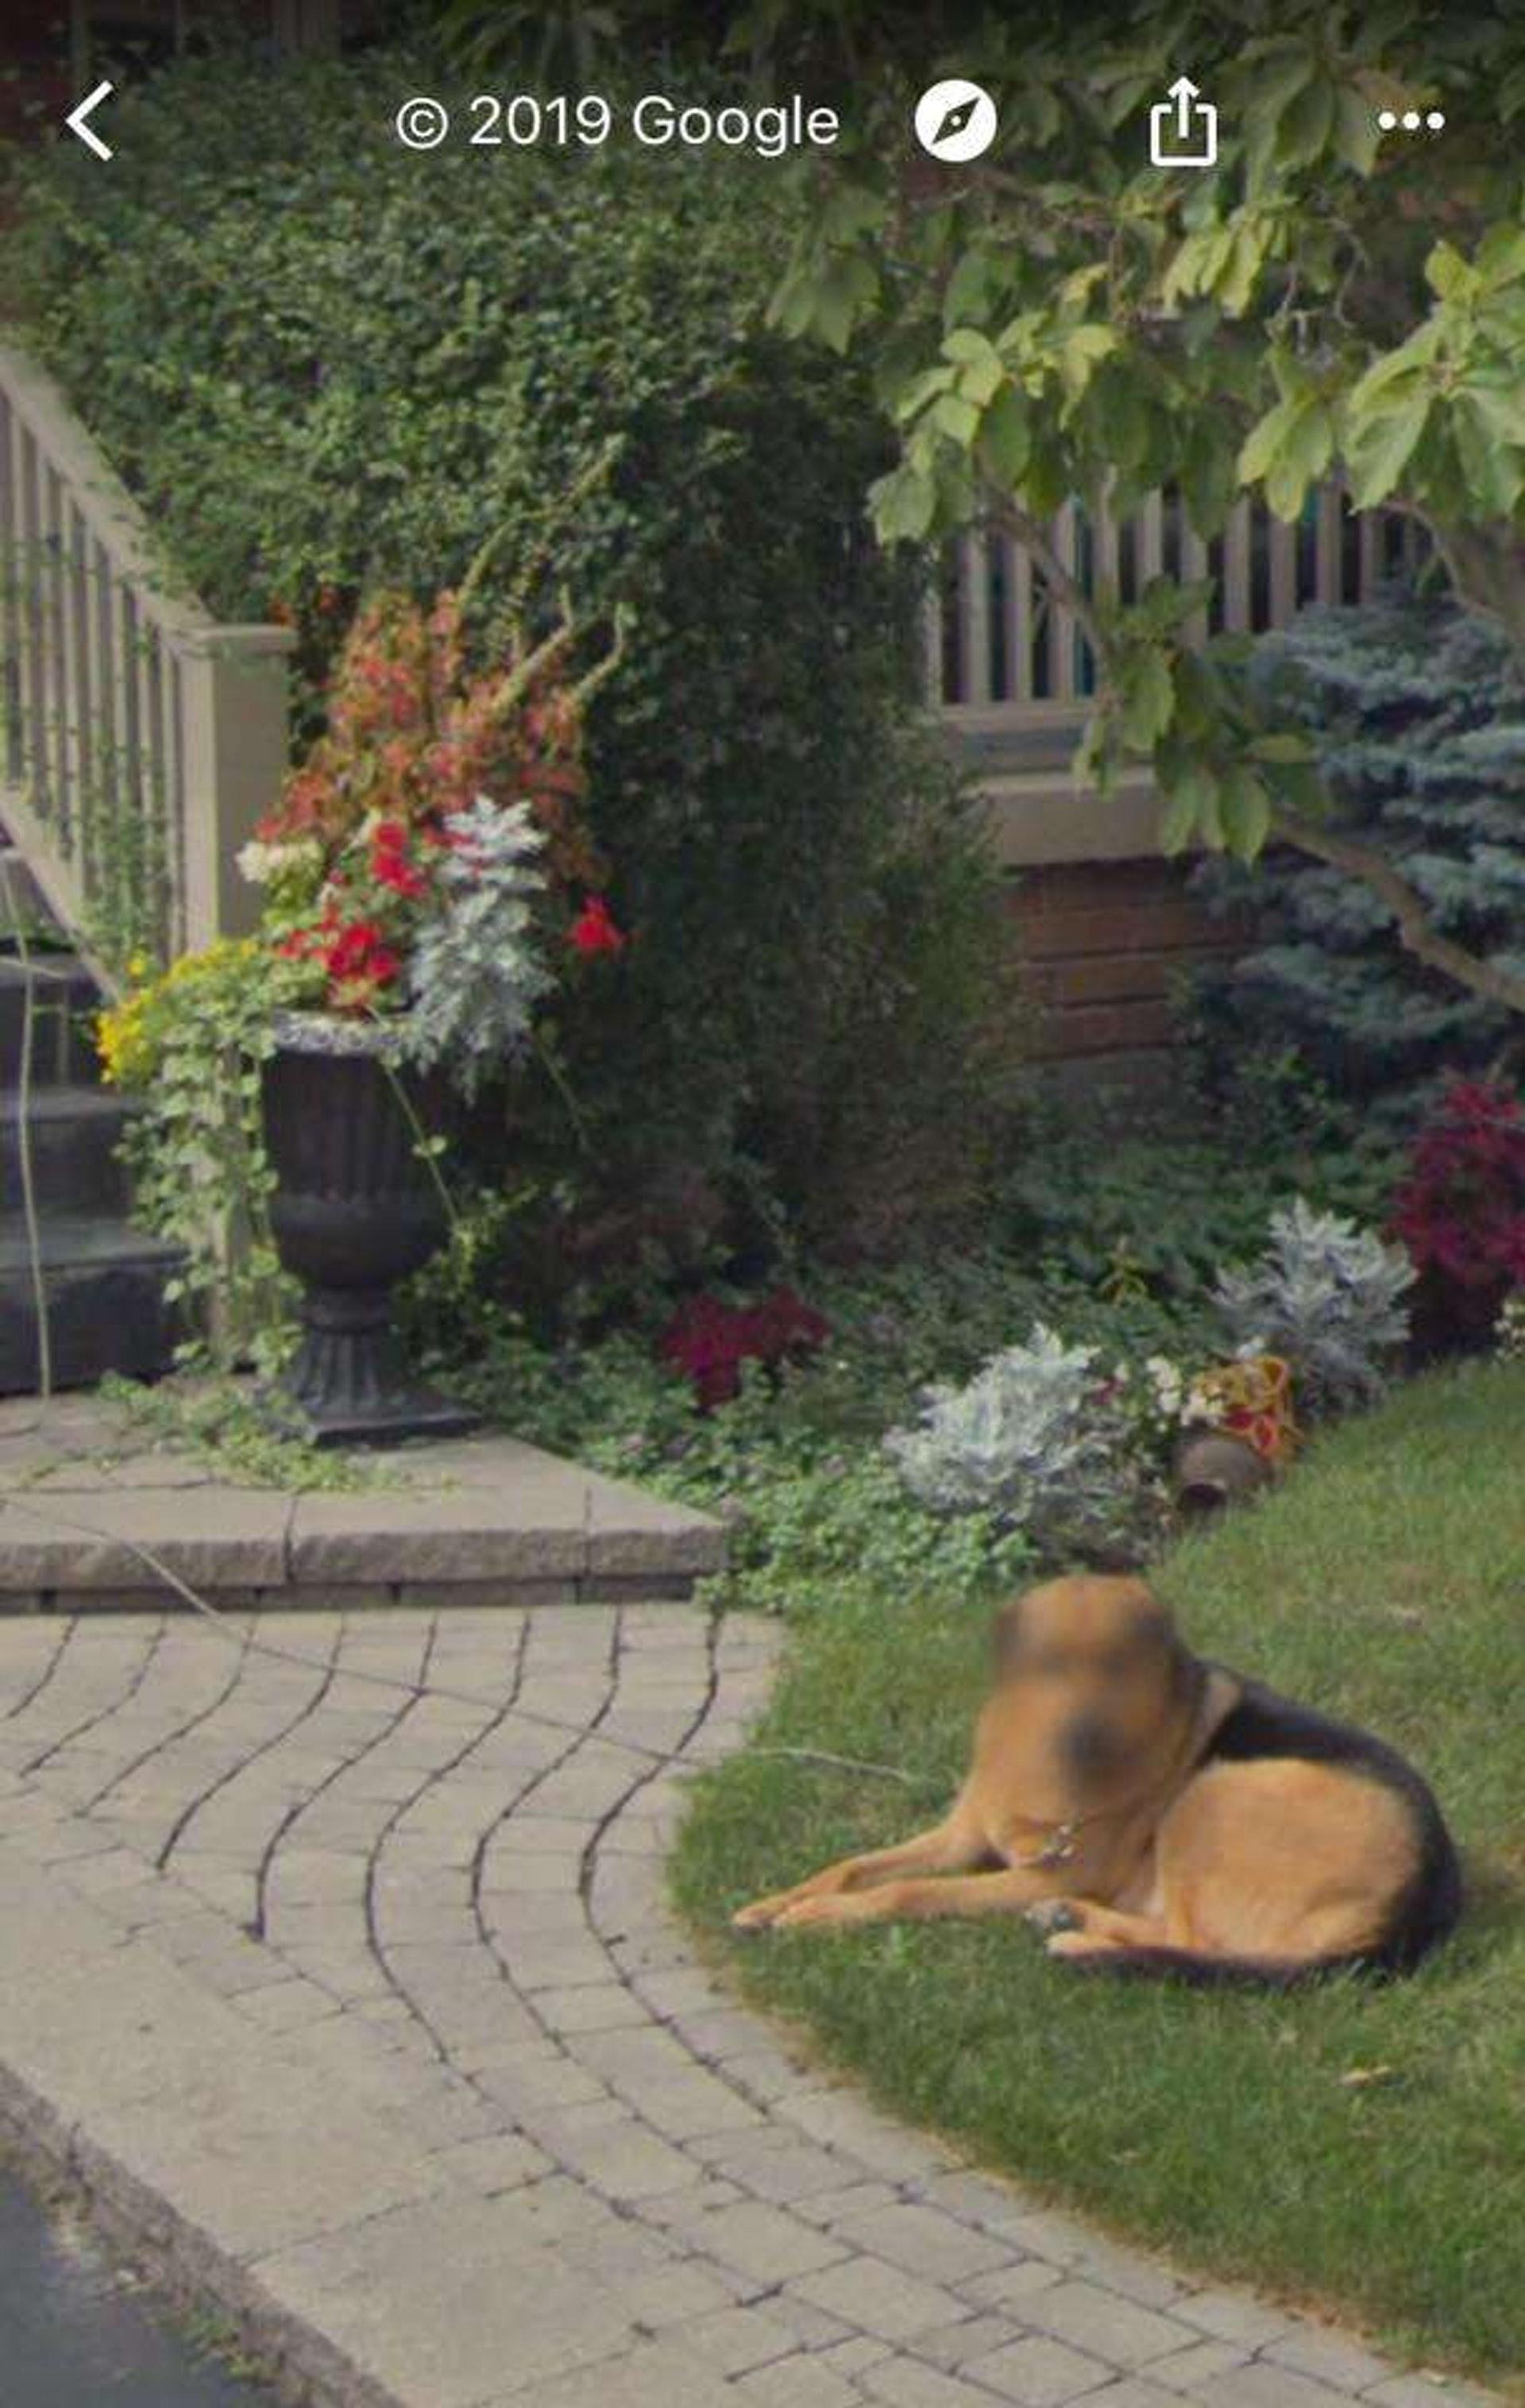 在Google街景里看到自己家的狗狗当然感到开心,但有必要这样遮脸吗? (facebook@Madelyn Rotella)